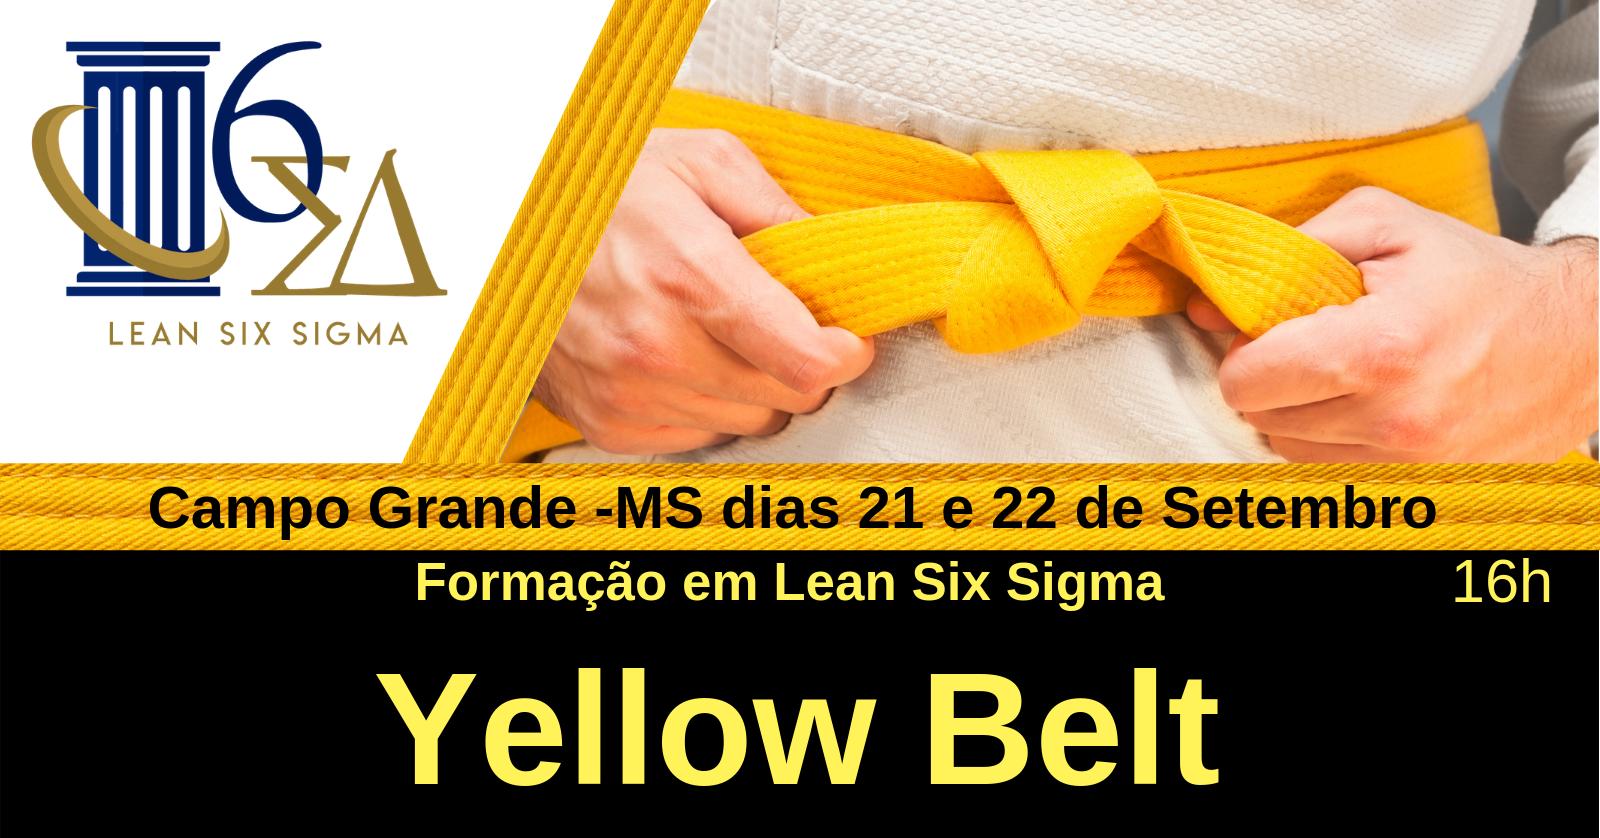 Formação em Lean Six Sigma Yellow Belt- Campo Grande MS - Sympla